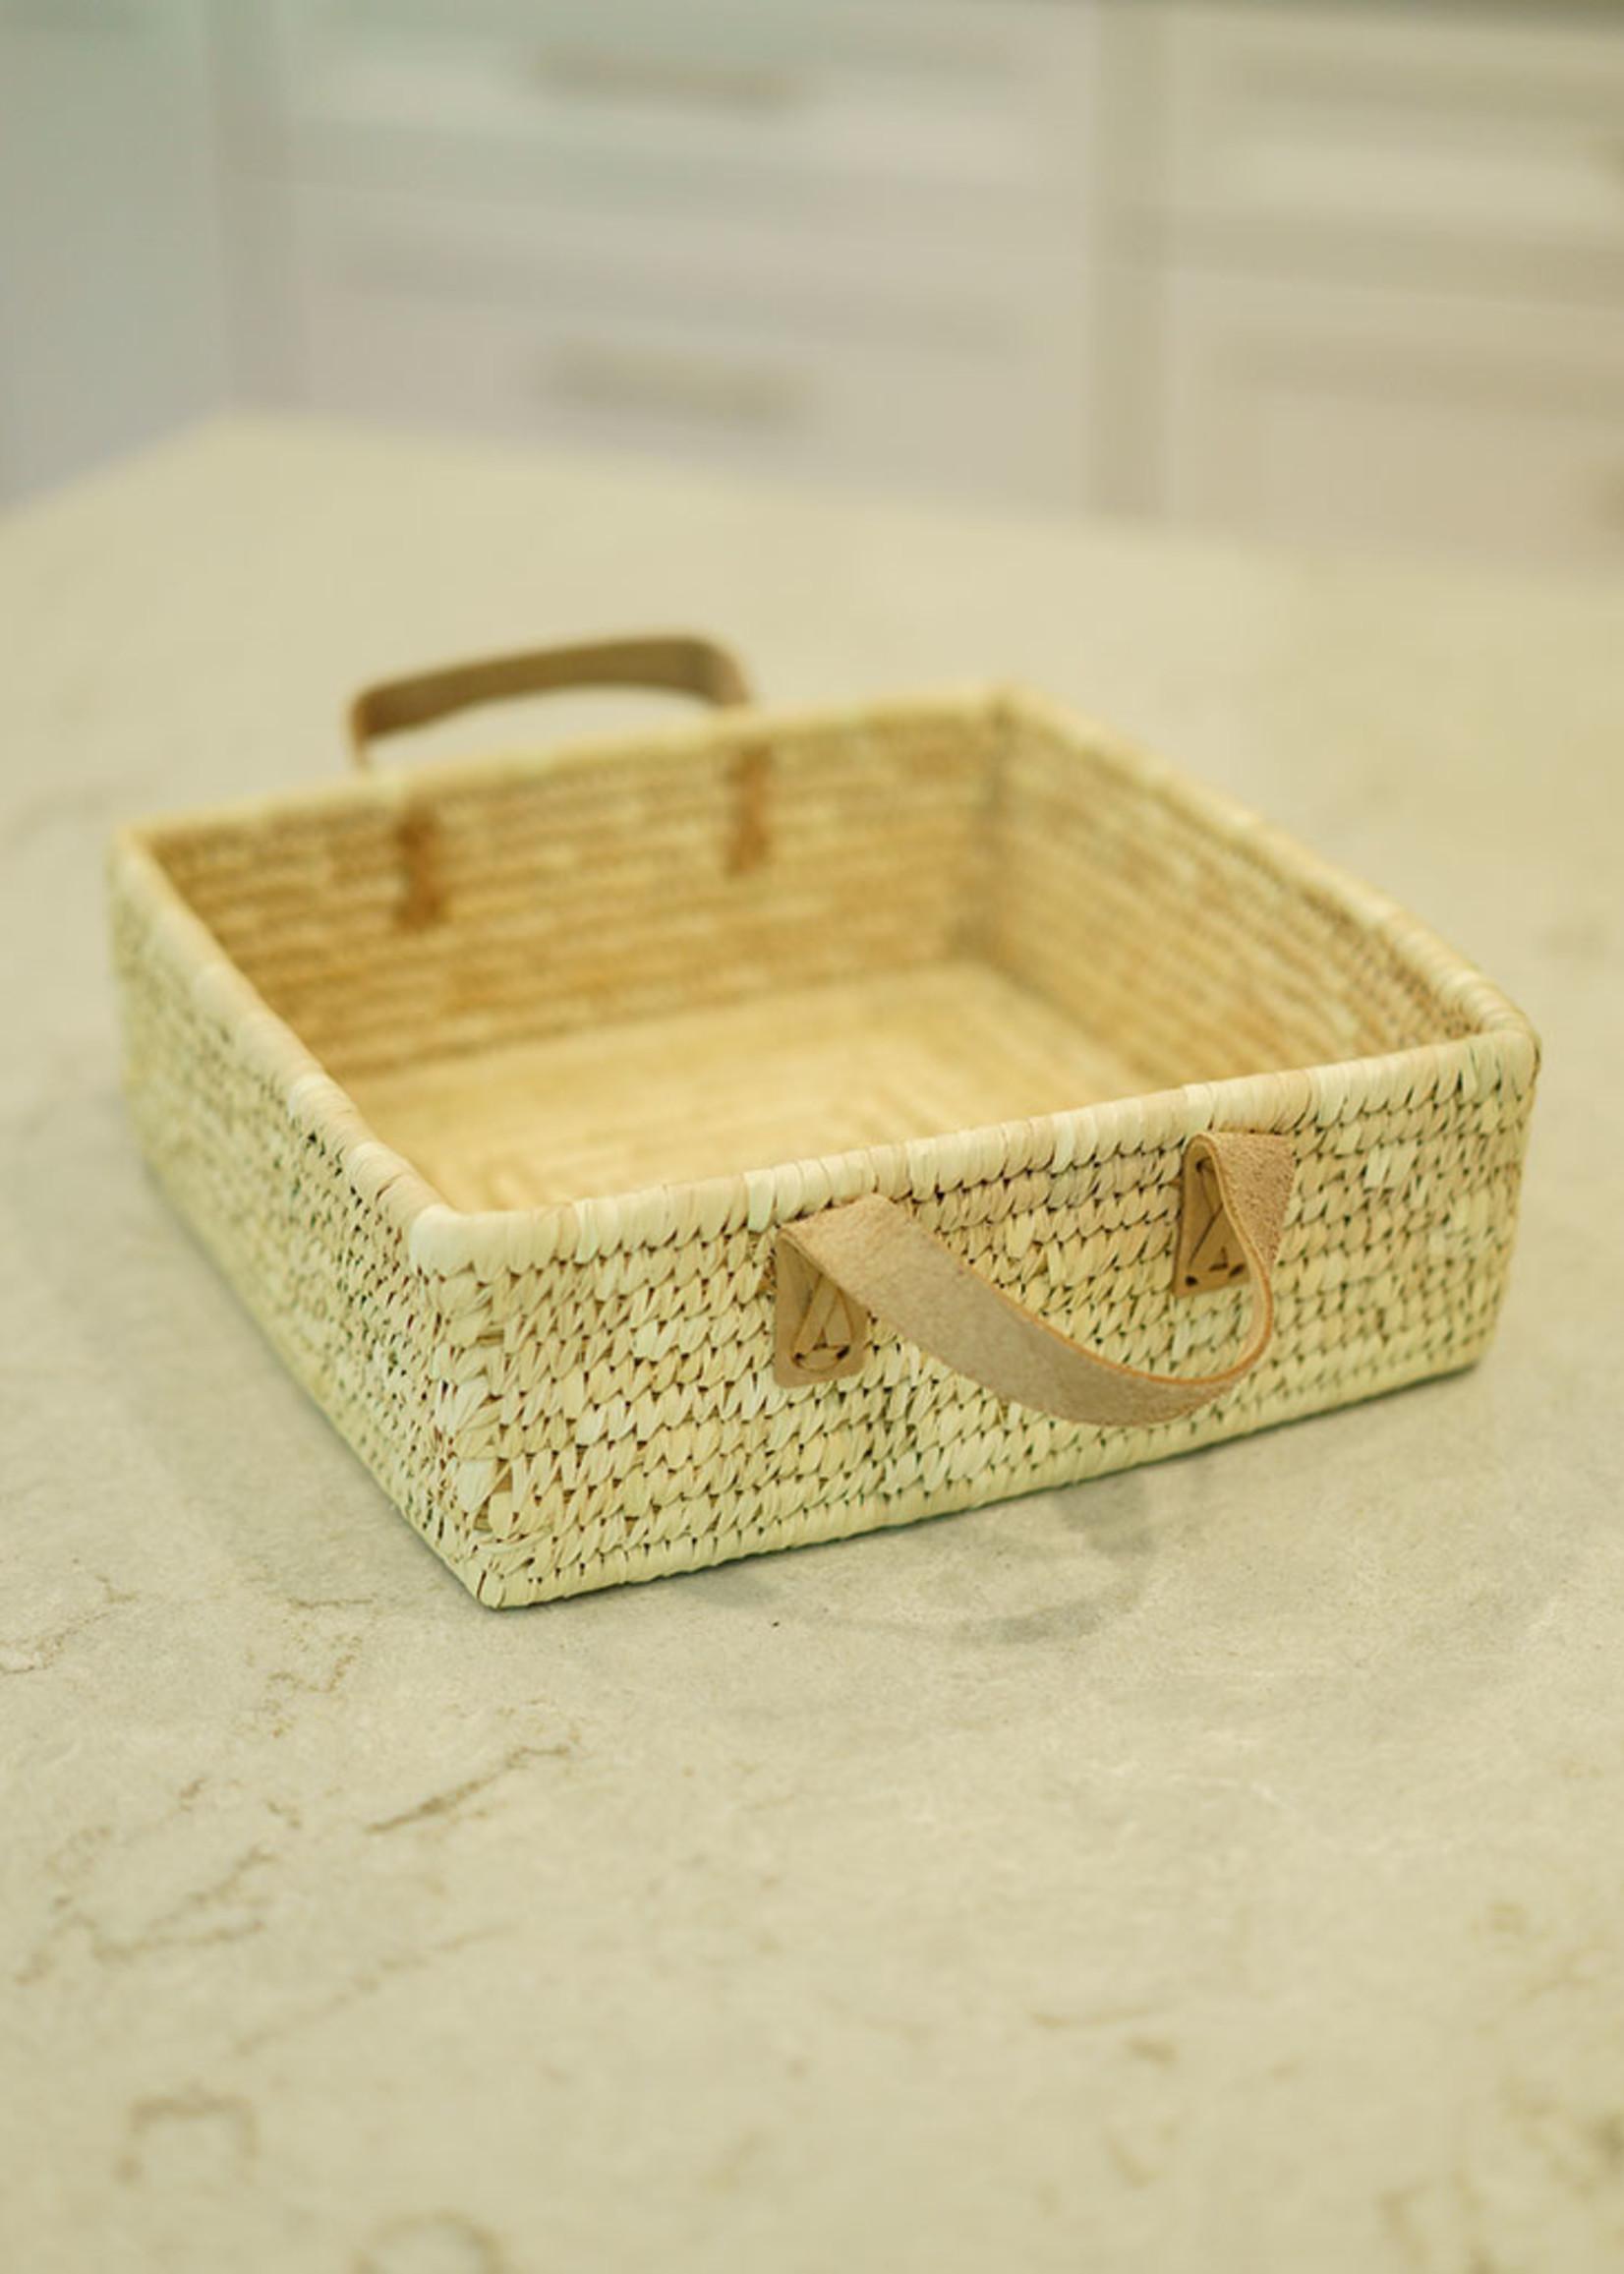 Square Handled Basket